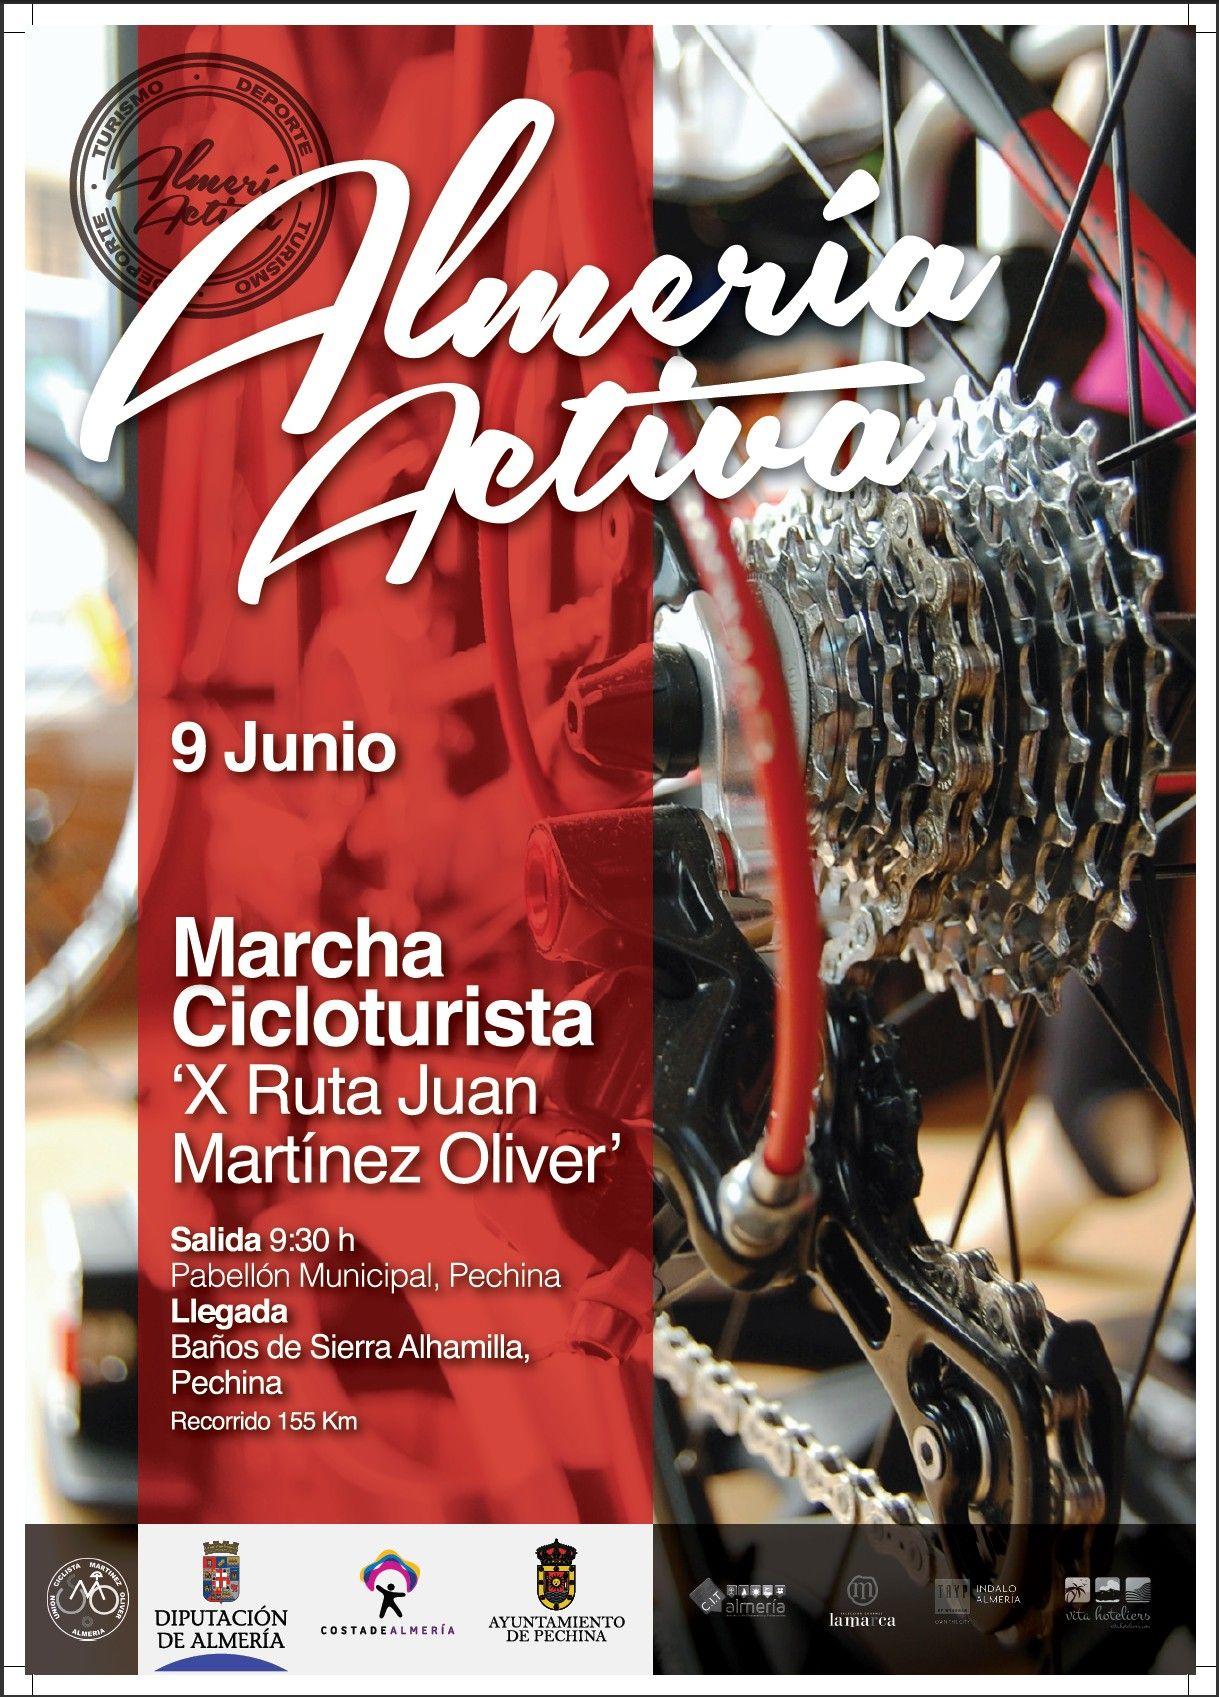 Almería Activa ha organizado la Marcha Cicloturista 'X Ruta Juan Martínez Oliver' en el municipio de Pechina el próximo 9 de junio. ¿Te la vas a perder?